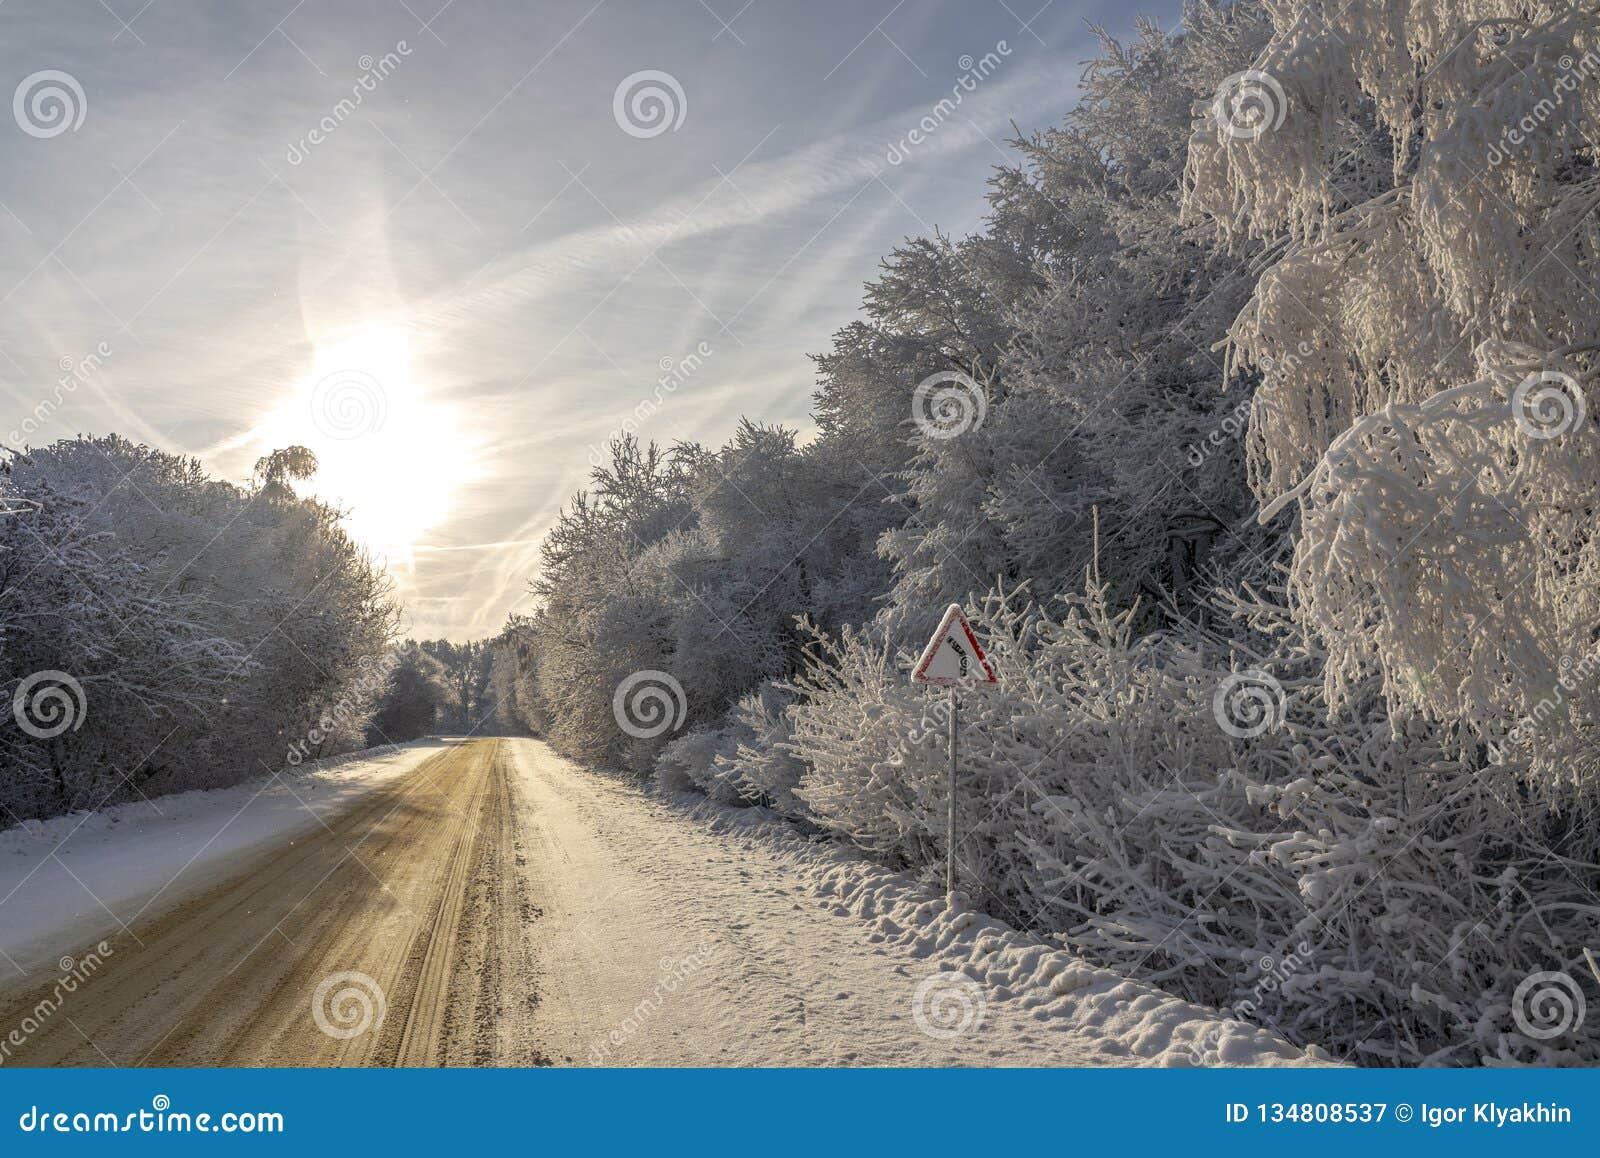 Verkehrsschildvorsicht schalten die Winterstraße ein